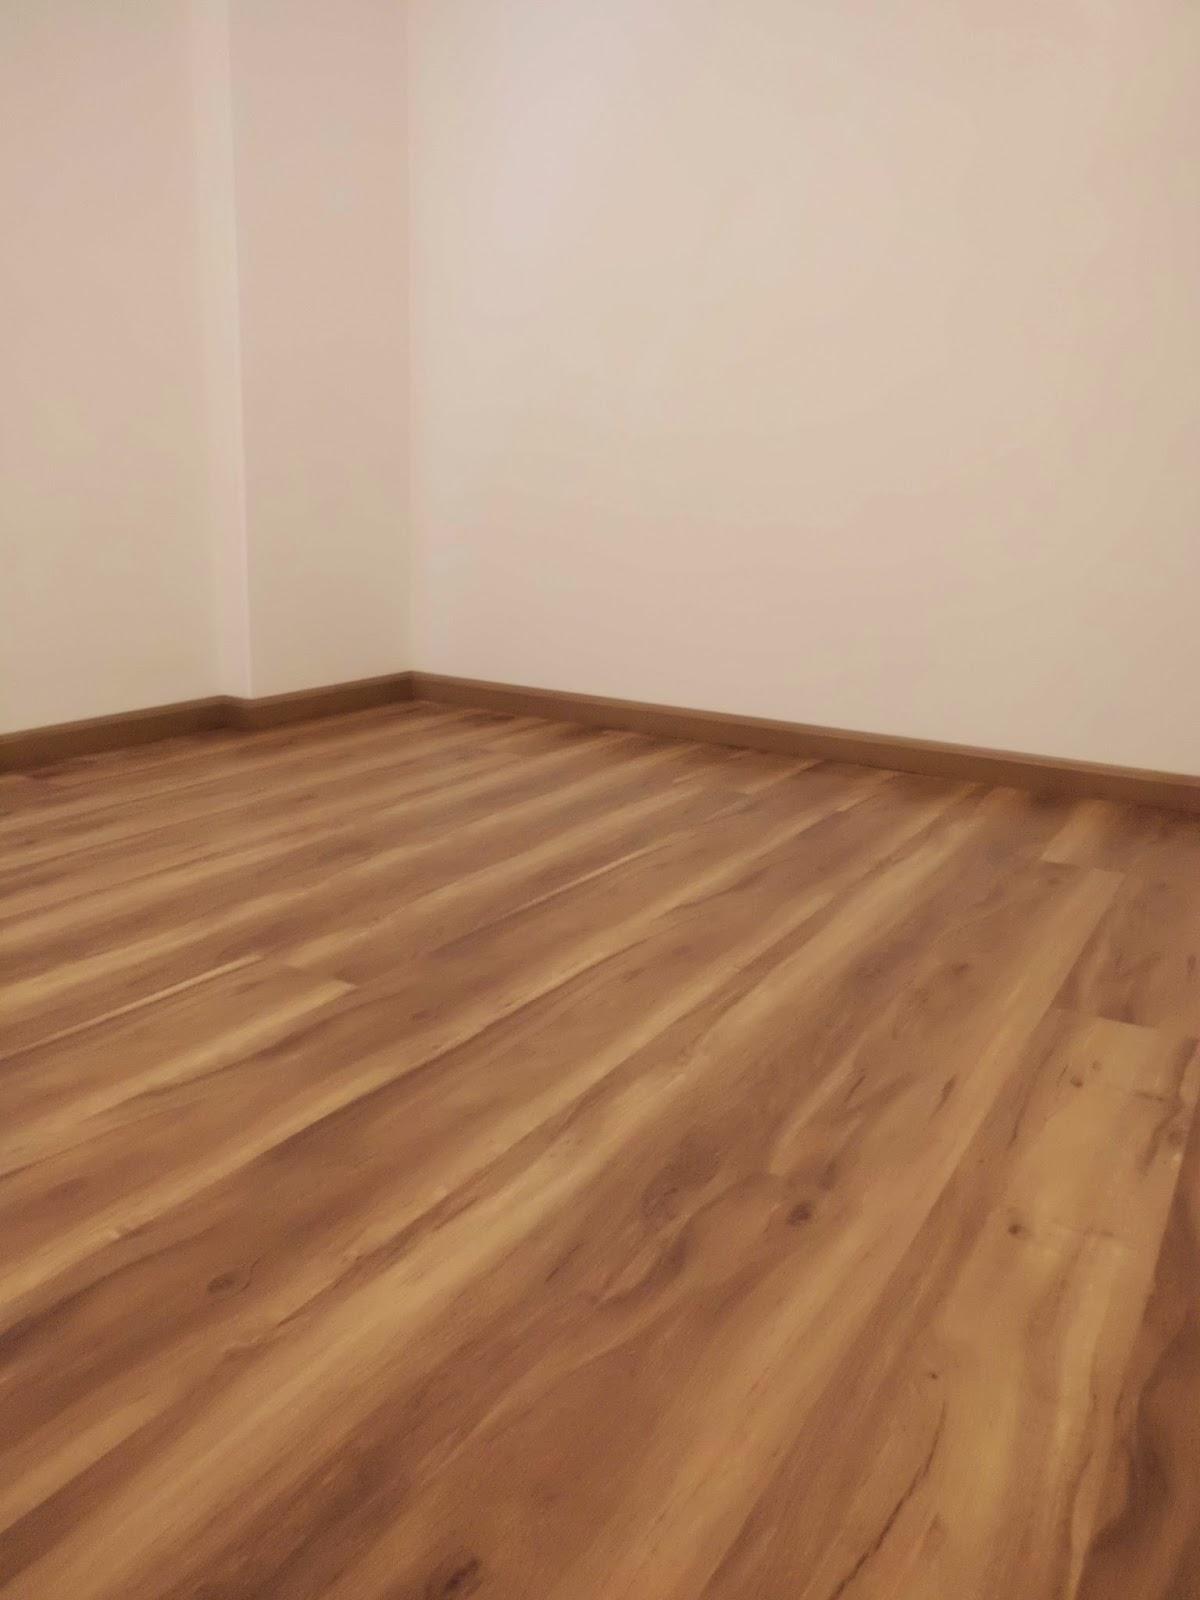 Pisos laminados piso laminado click super piso patina for Piso laminado instalado